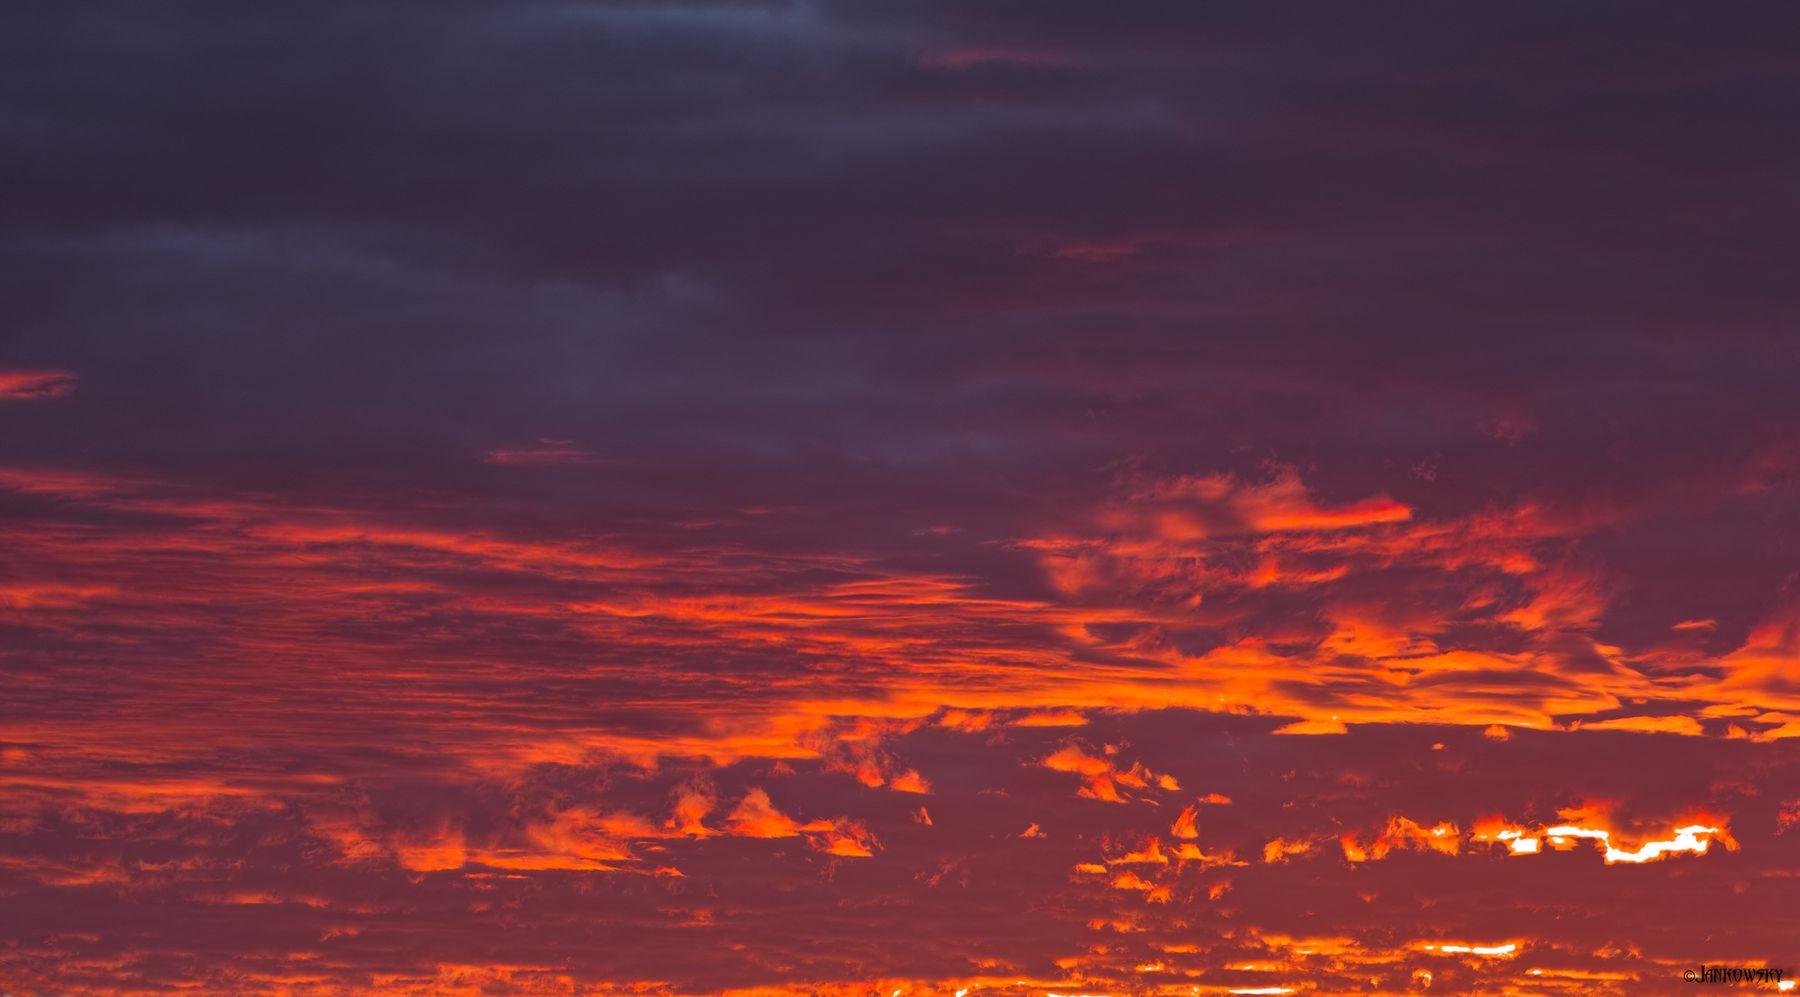 Омск. Вырвиглазный розсведЪ  25.06.21 рассвет омск балкон тектстура небо огенное оранжевое sigma foveon 120-300mm f2.8